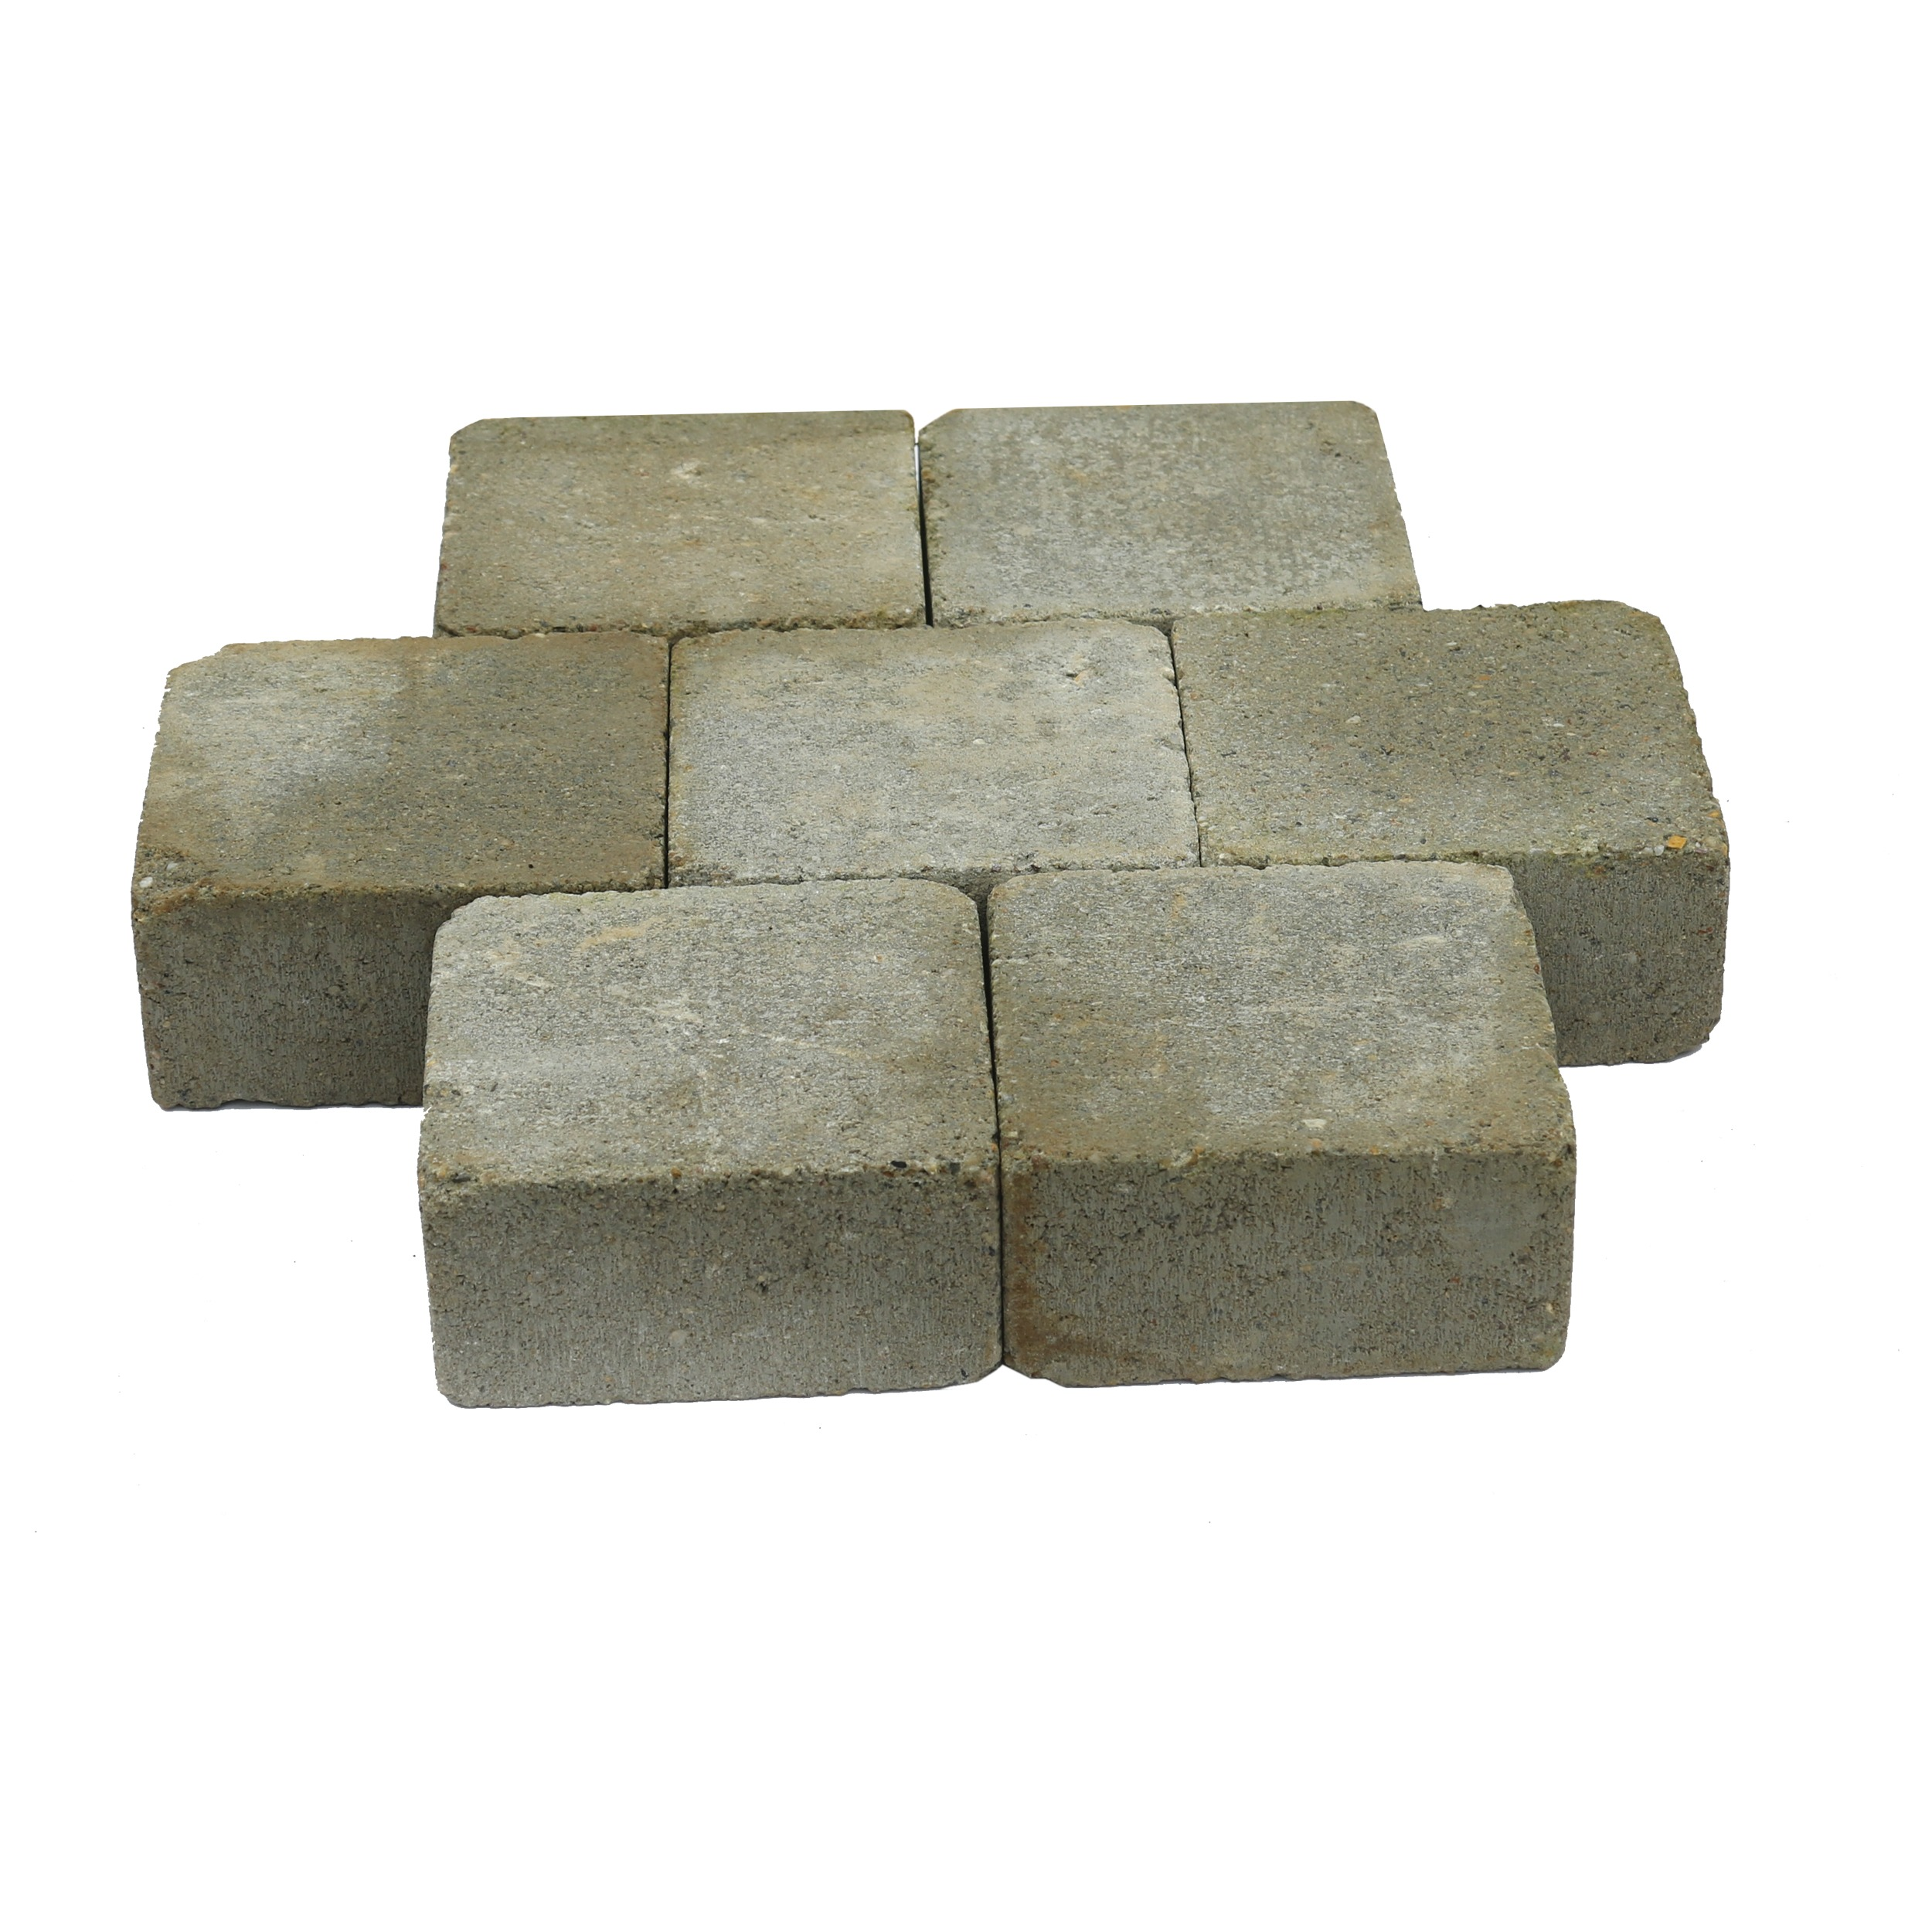 Trommelsteen Beton Grijs 14x14x7 cm - 45 Stuks - 0,88 m2